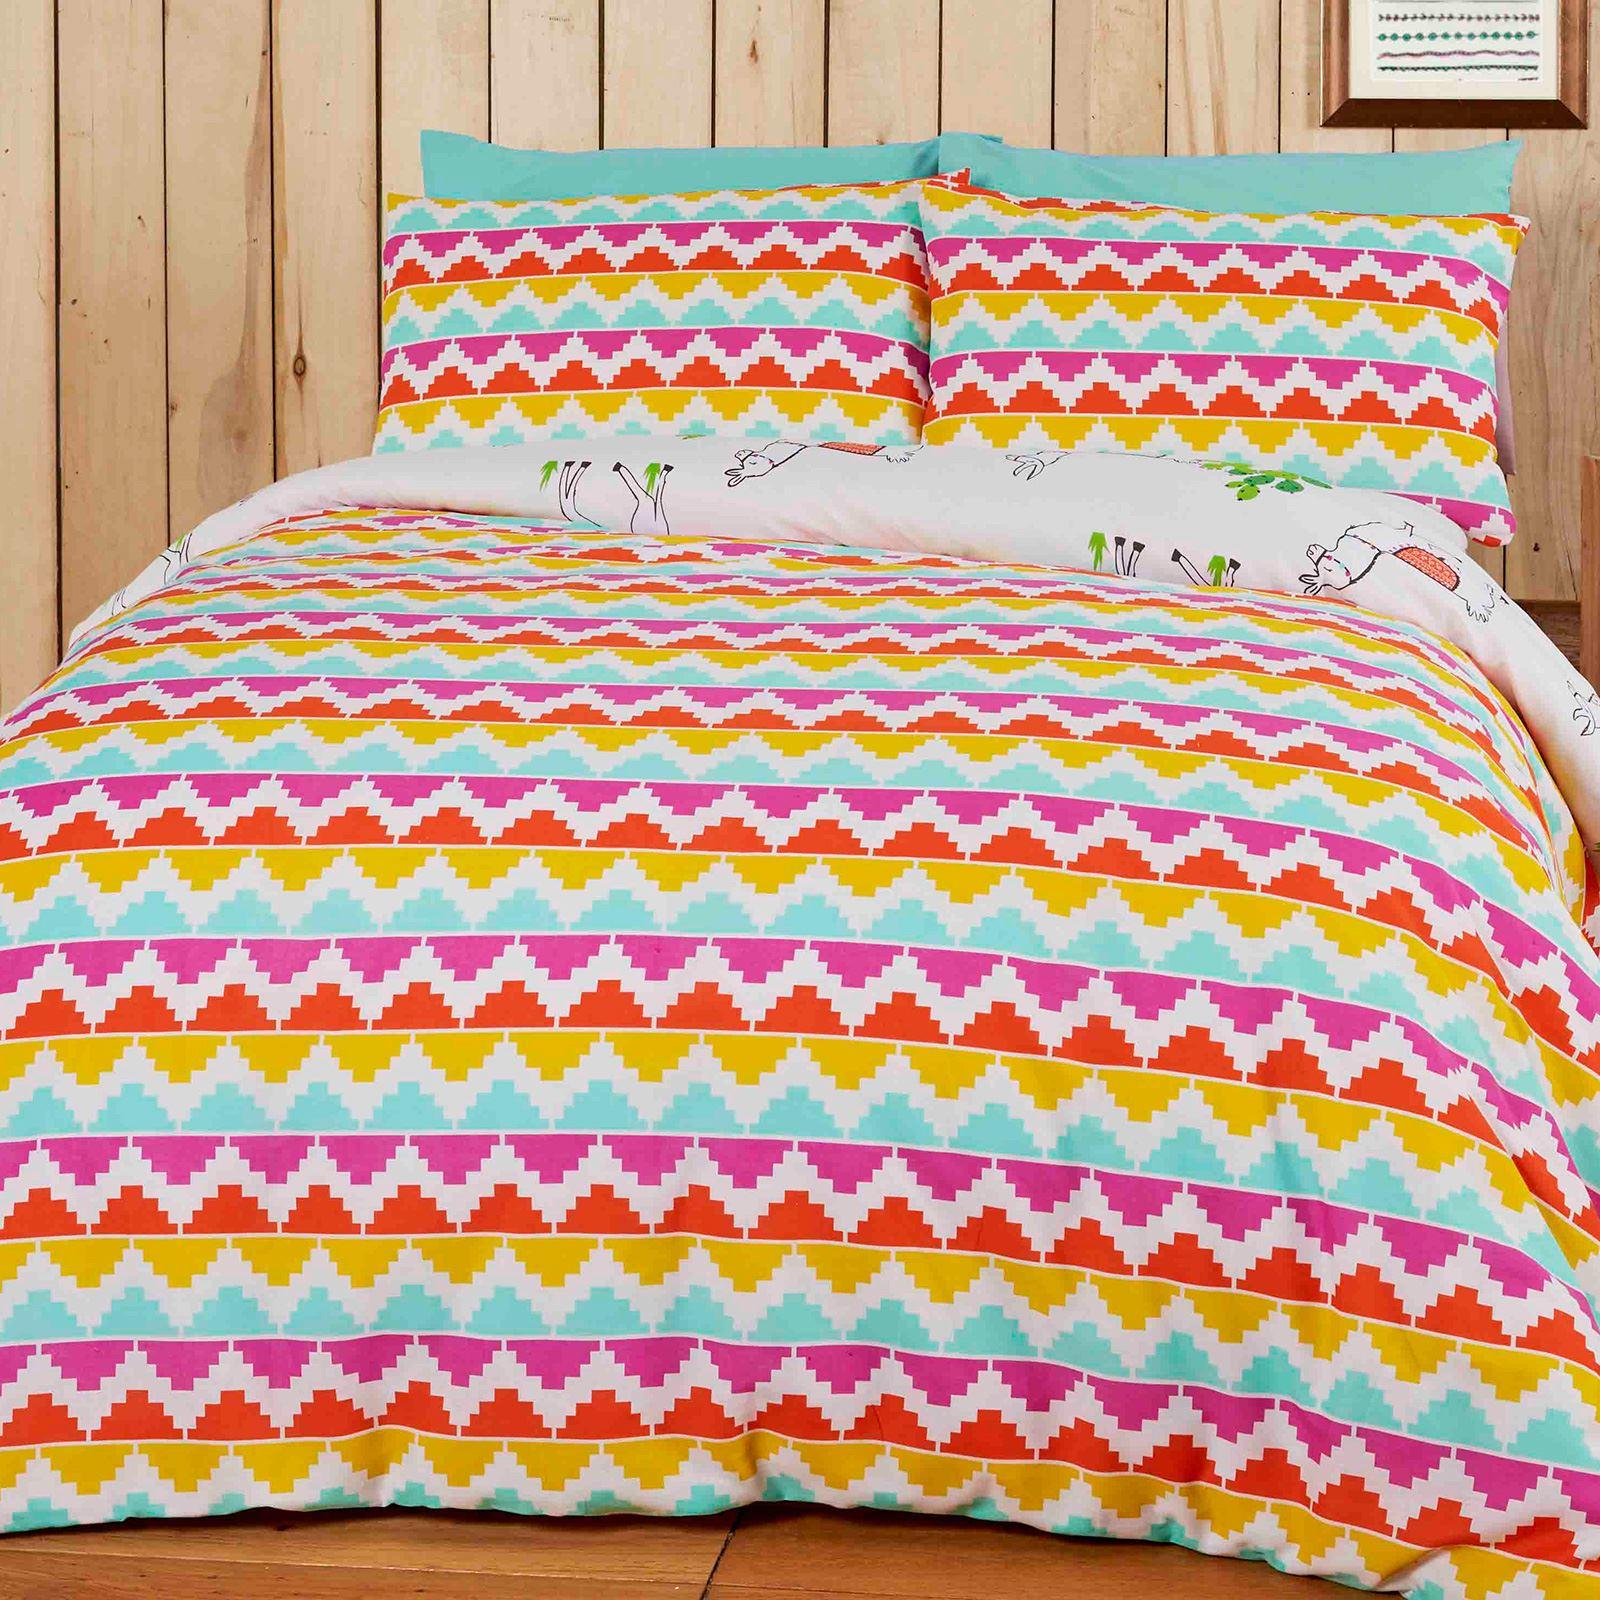 Happy Llamas Double Duvet Cover Set Reversible Colourful